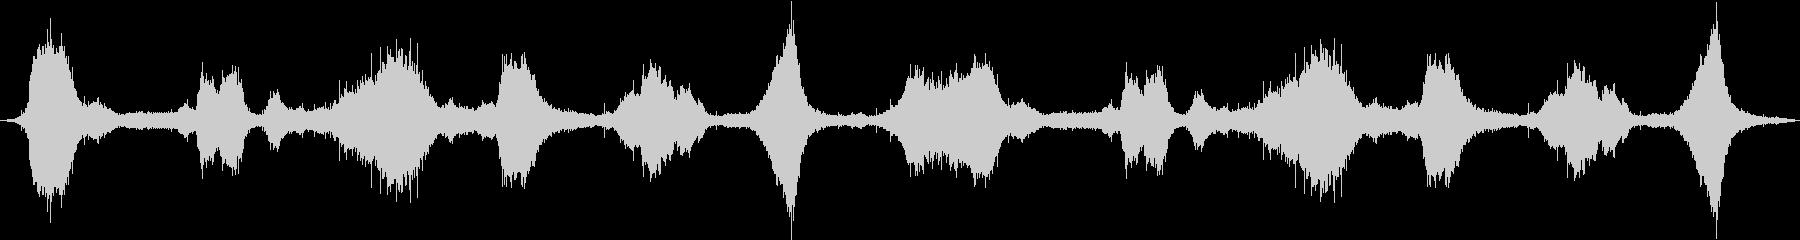 ヘビー、オーシャン、サーフ、ウェーブの波の未再生の波形